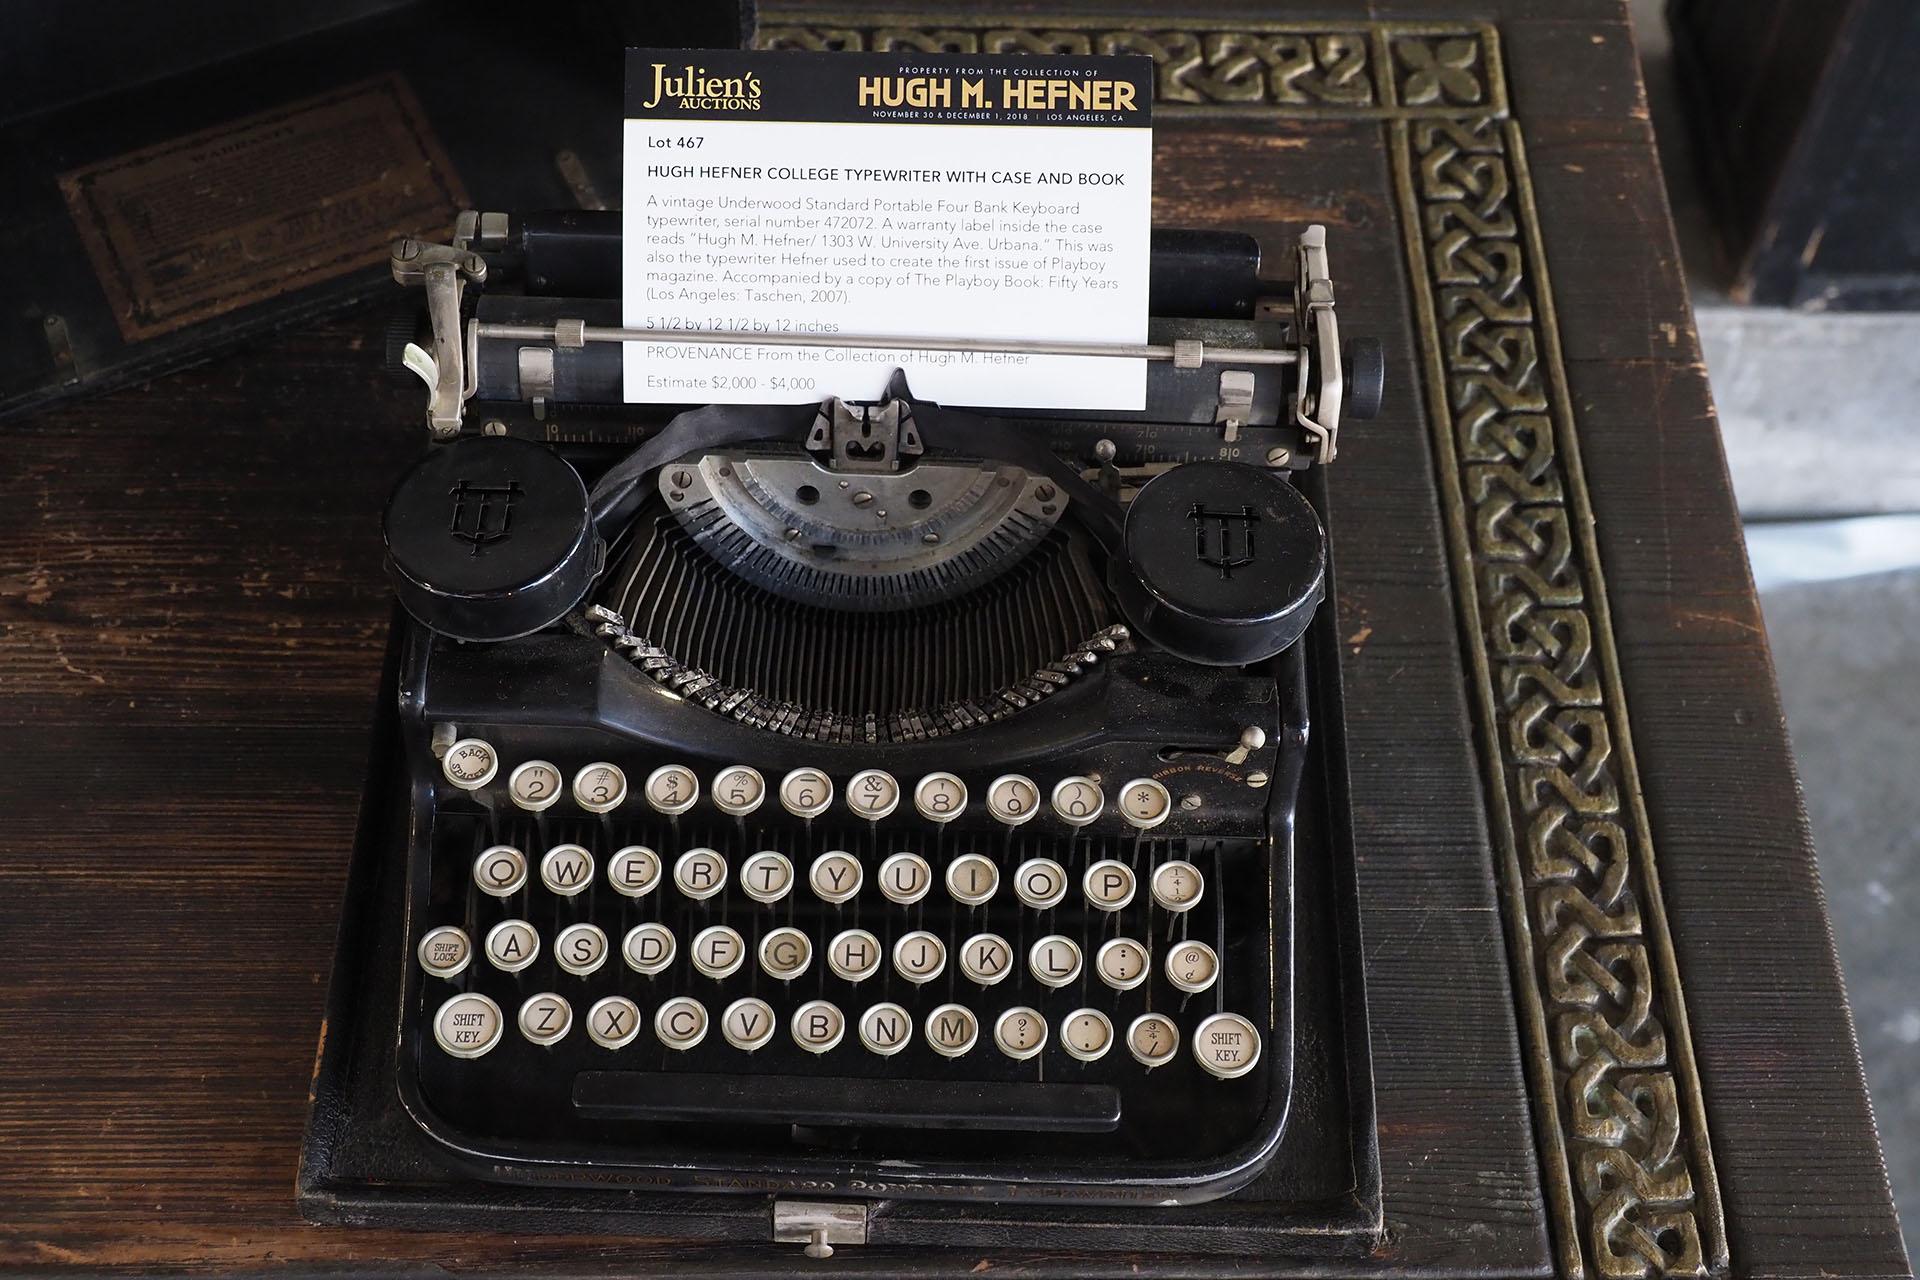 La máquina de escribir, utilizada por Hefner para redactar el primer número de su revista en 1953, se vendió por 162.500 dólares